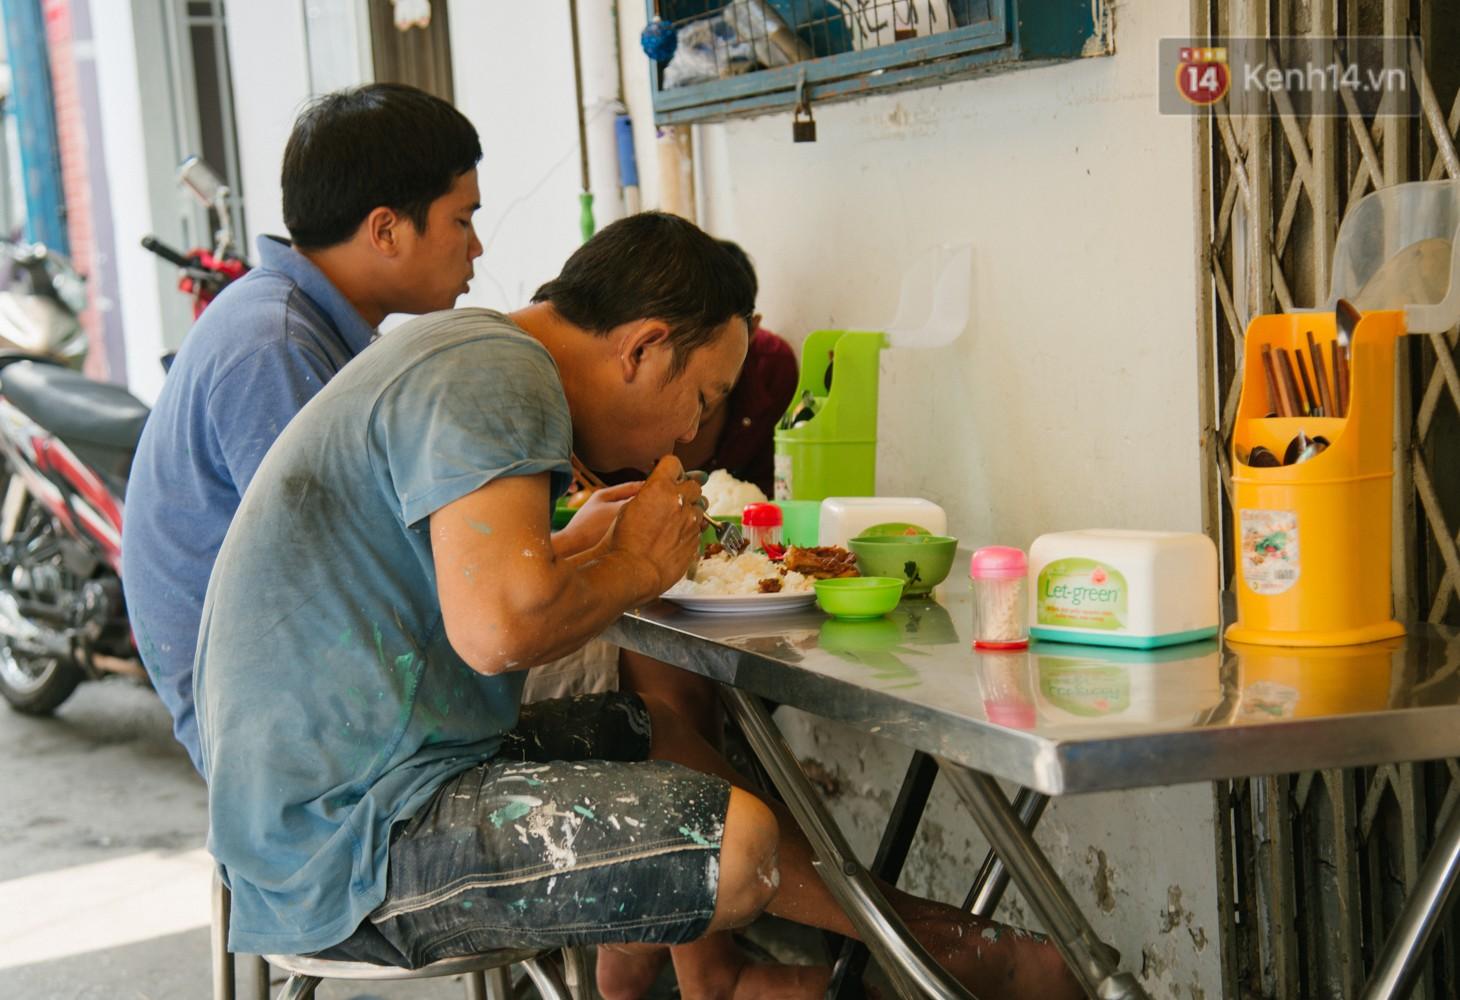 Khách ở tiệm chị Trinh đa phần là người lao động có thu nhập thấp.